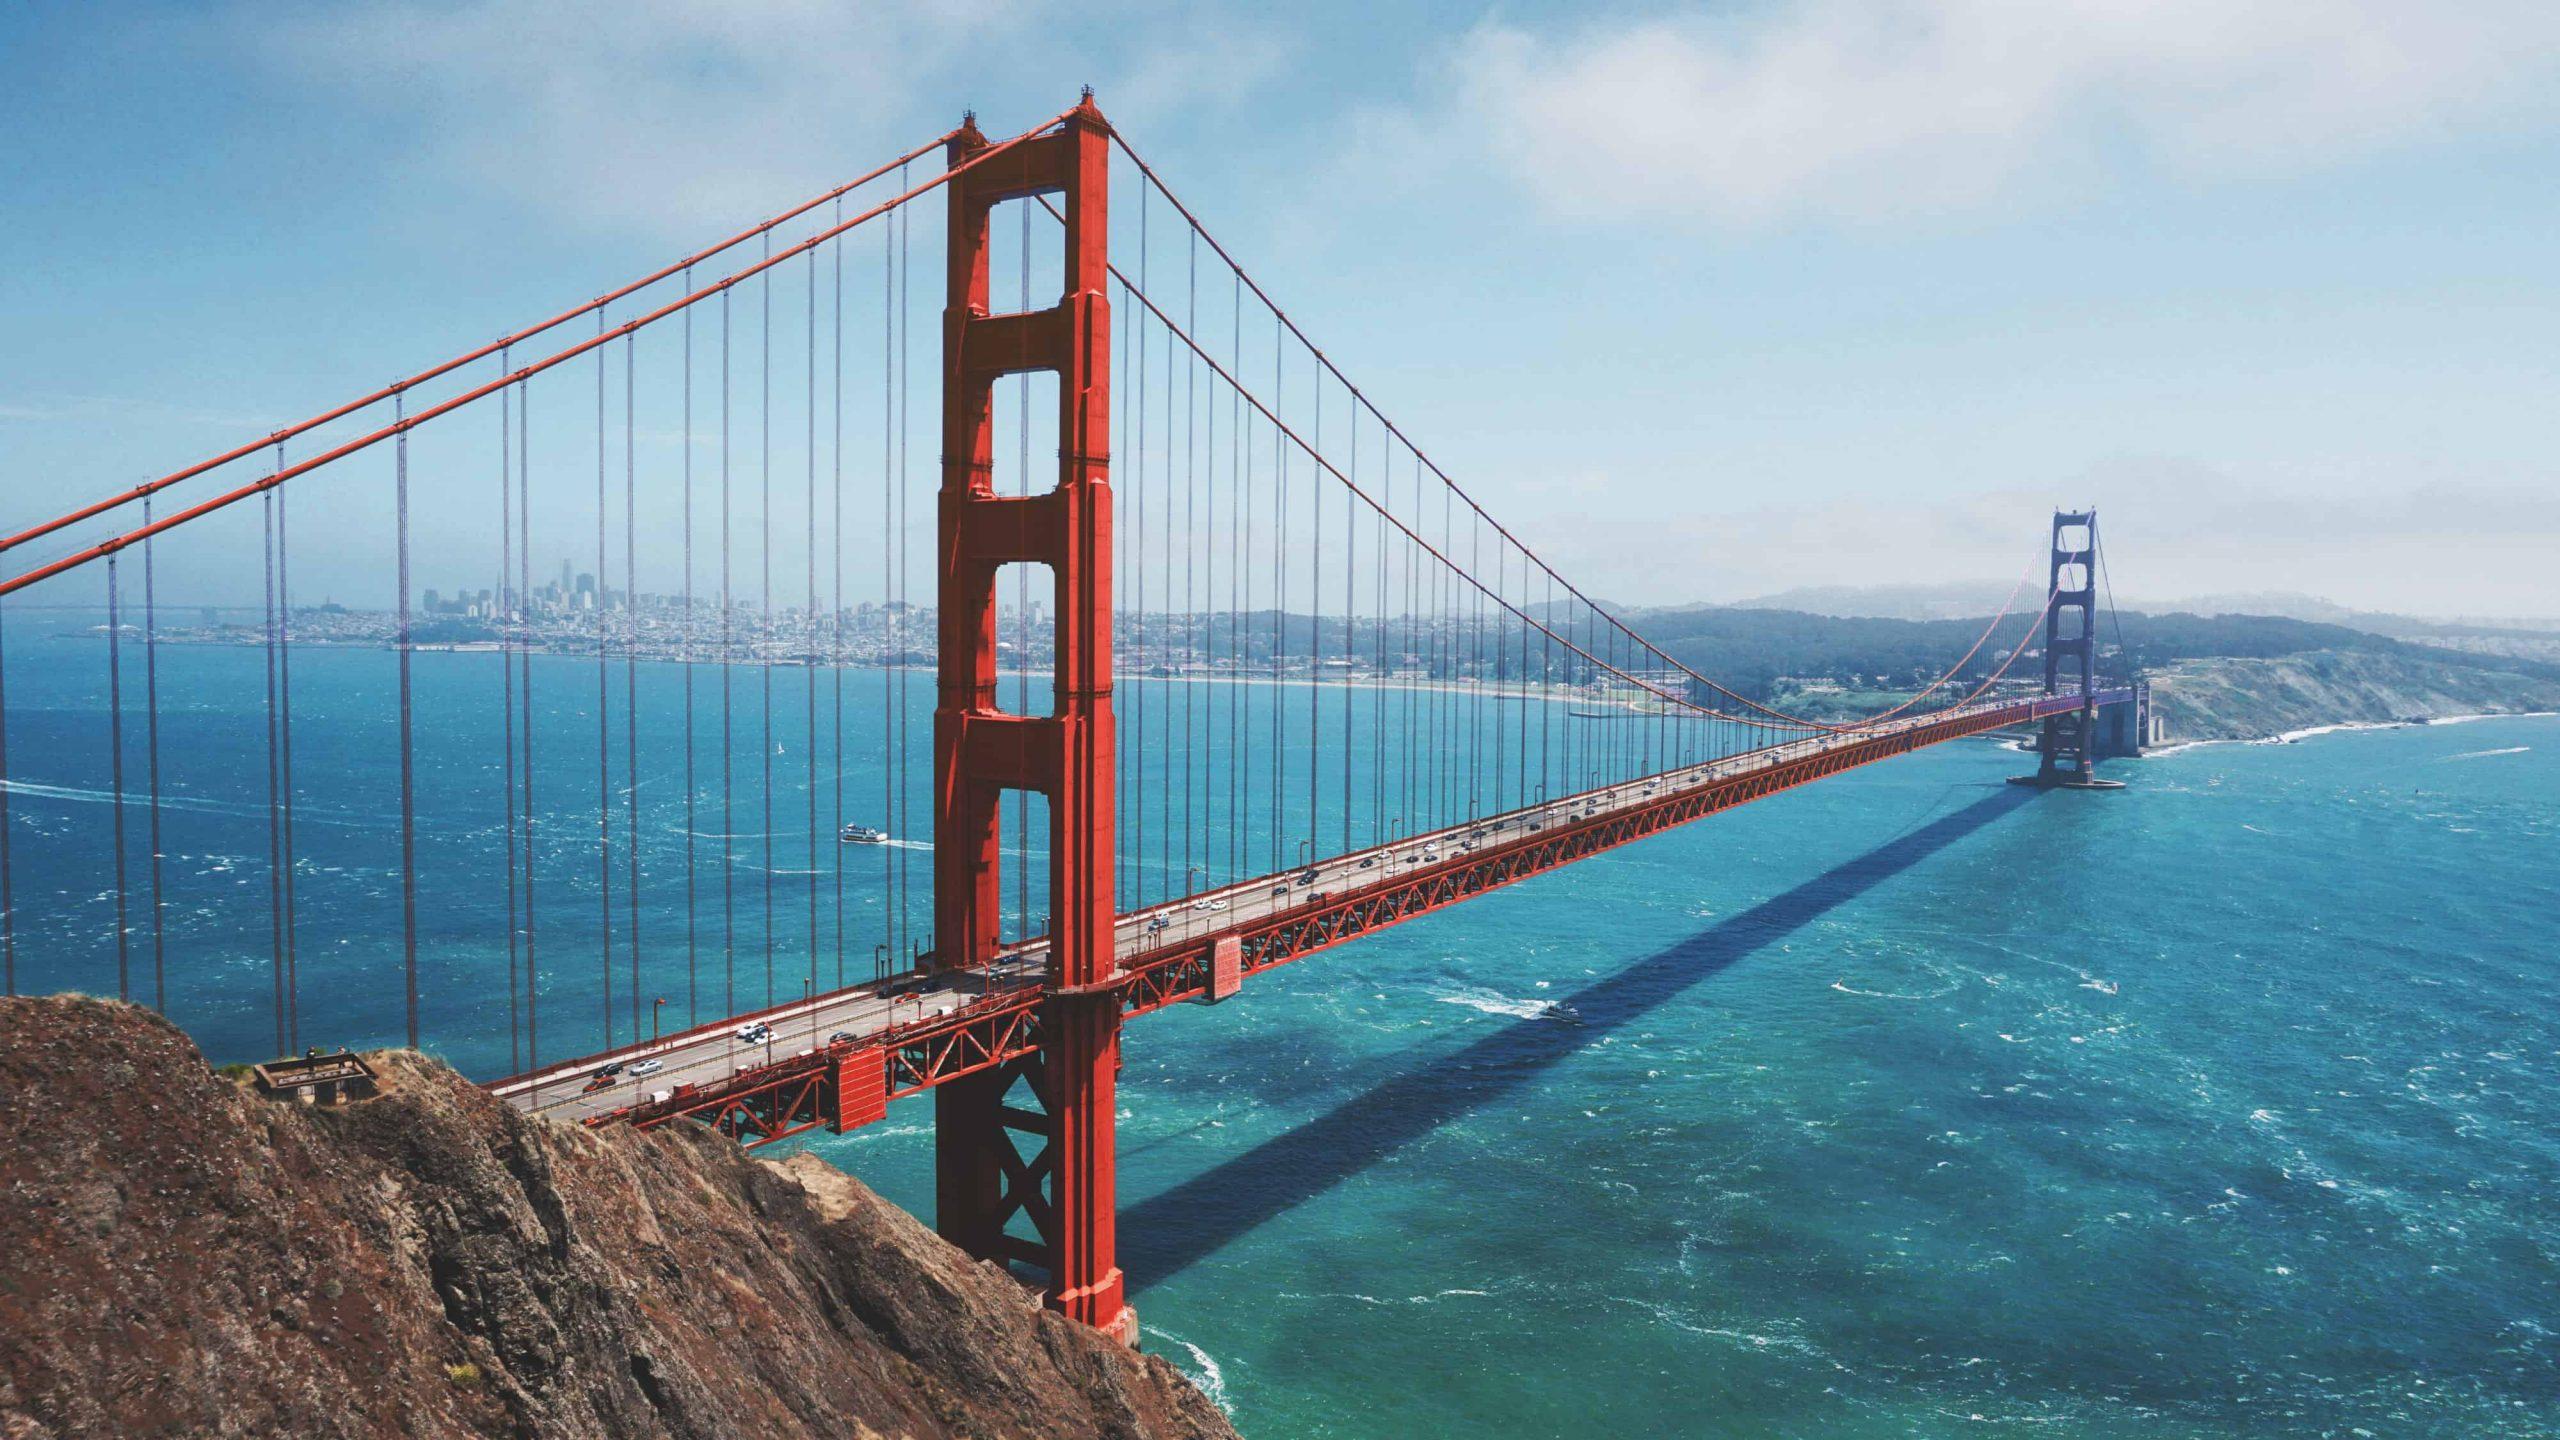 Rundreise Kalifornien: Empfehlungen & Vergleich (04/20)